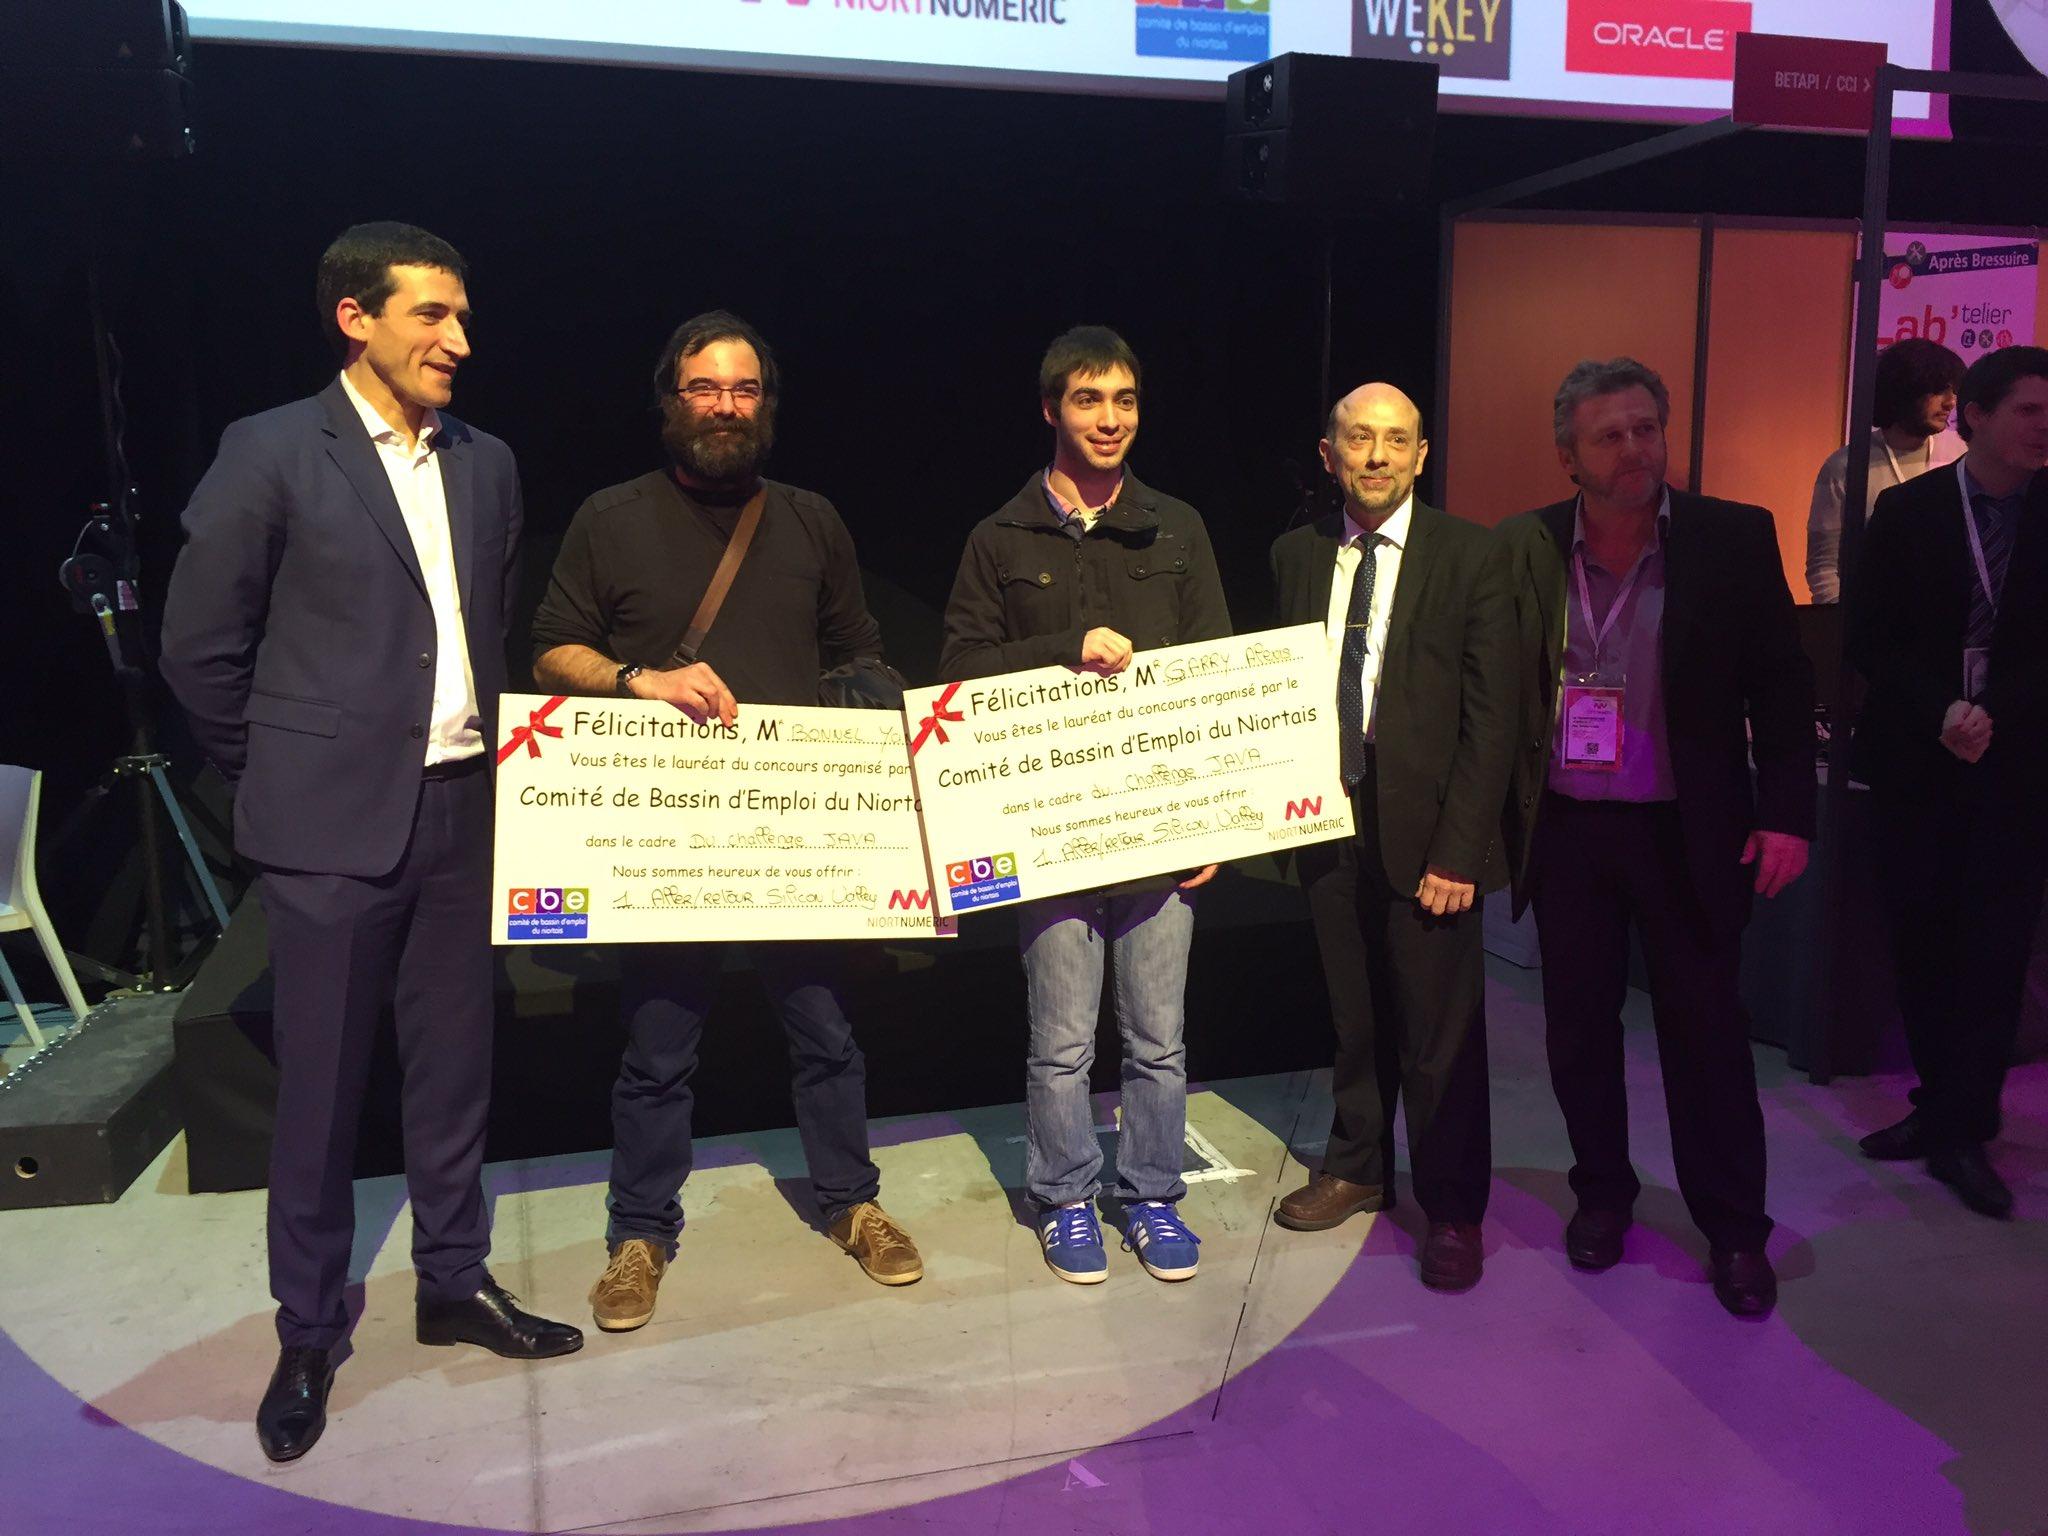 Félicitations à Yann Bonnel, catégorie pro et Alexia Garry, catégorie étudiants qui ont rempté chacun le 1er prix du Challenge Java. https://t.co/rSFEbVvQG6